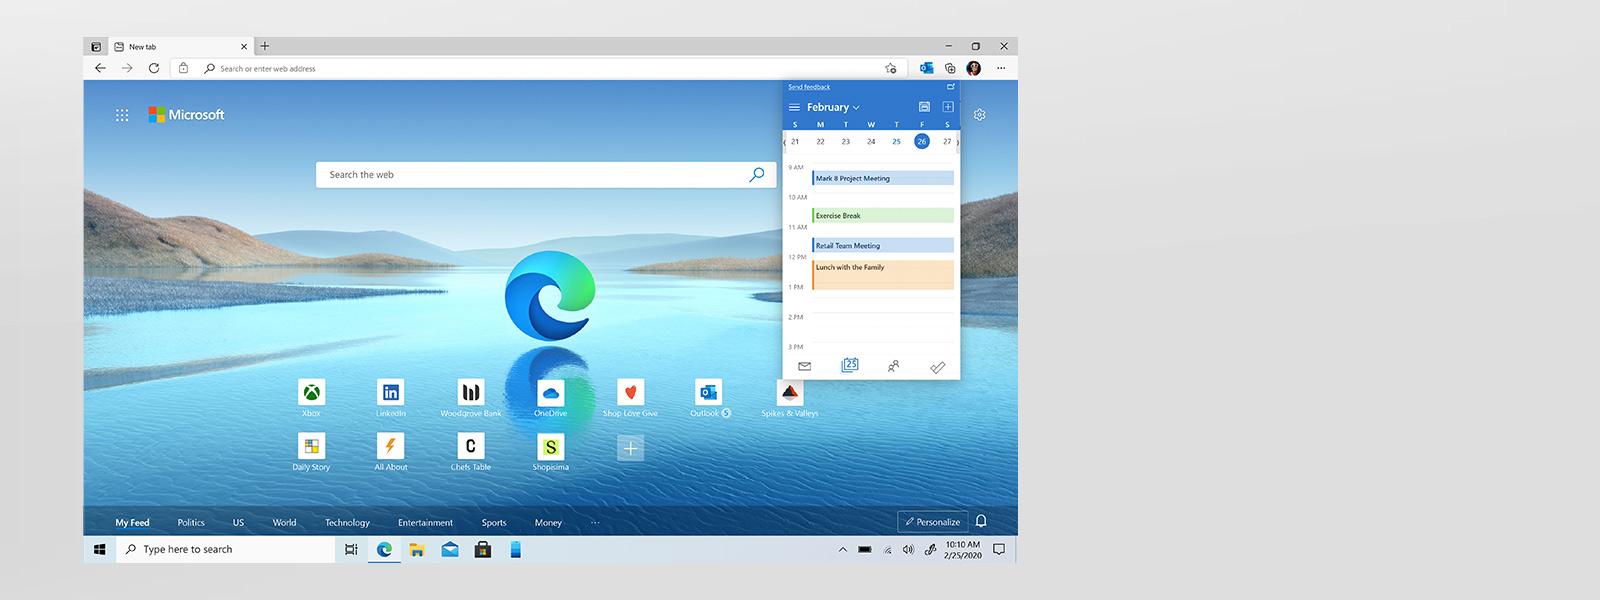 Microsoft Edge-Browserbildschirm, der die Funktionen der Outlook-Erweiterung anzeigt